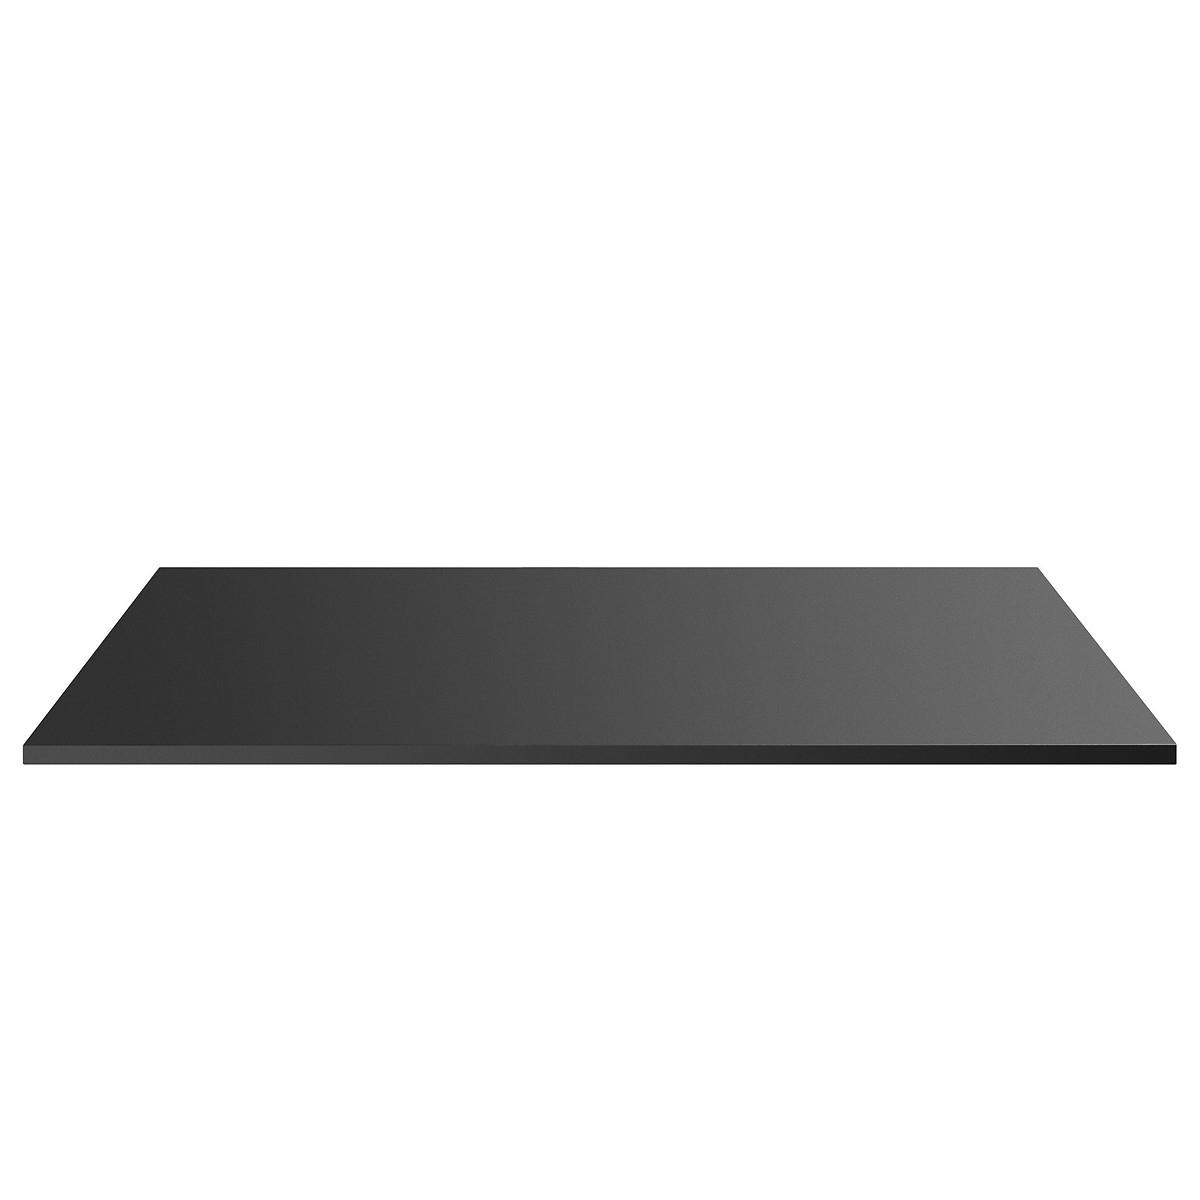 Столешница LaRedoute Для письменного стола из металла Angus размер 2 единый черный